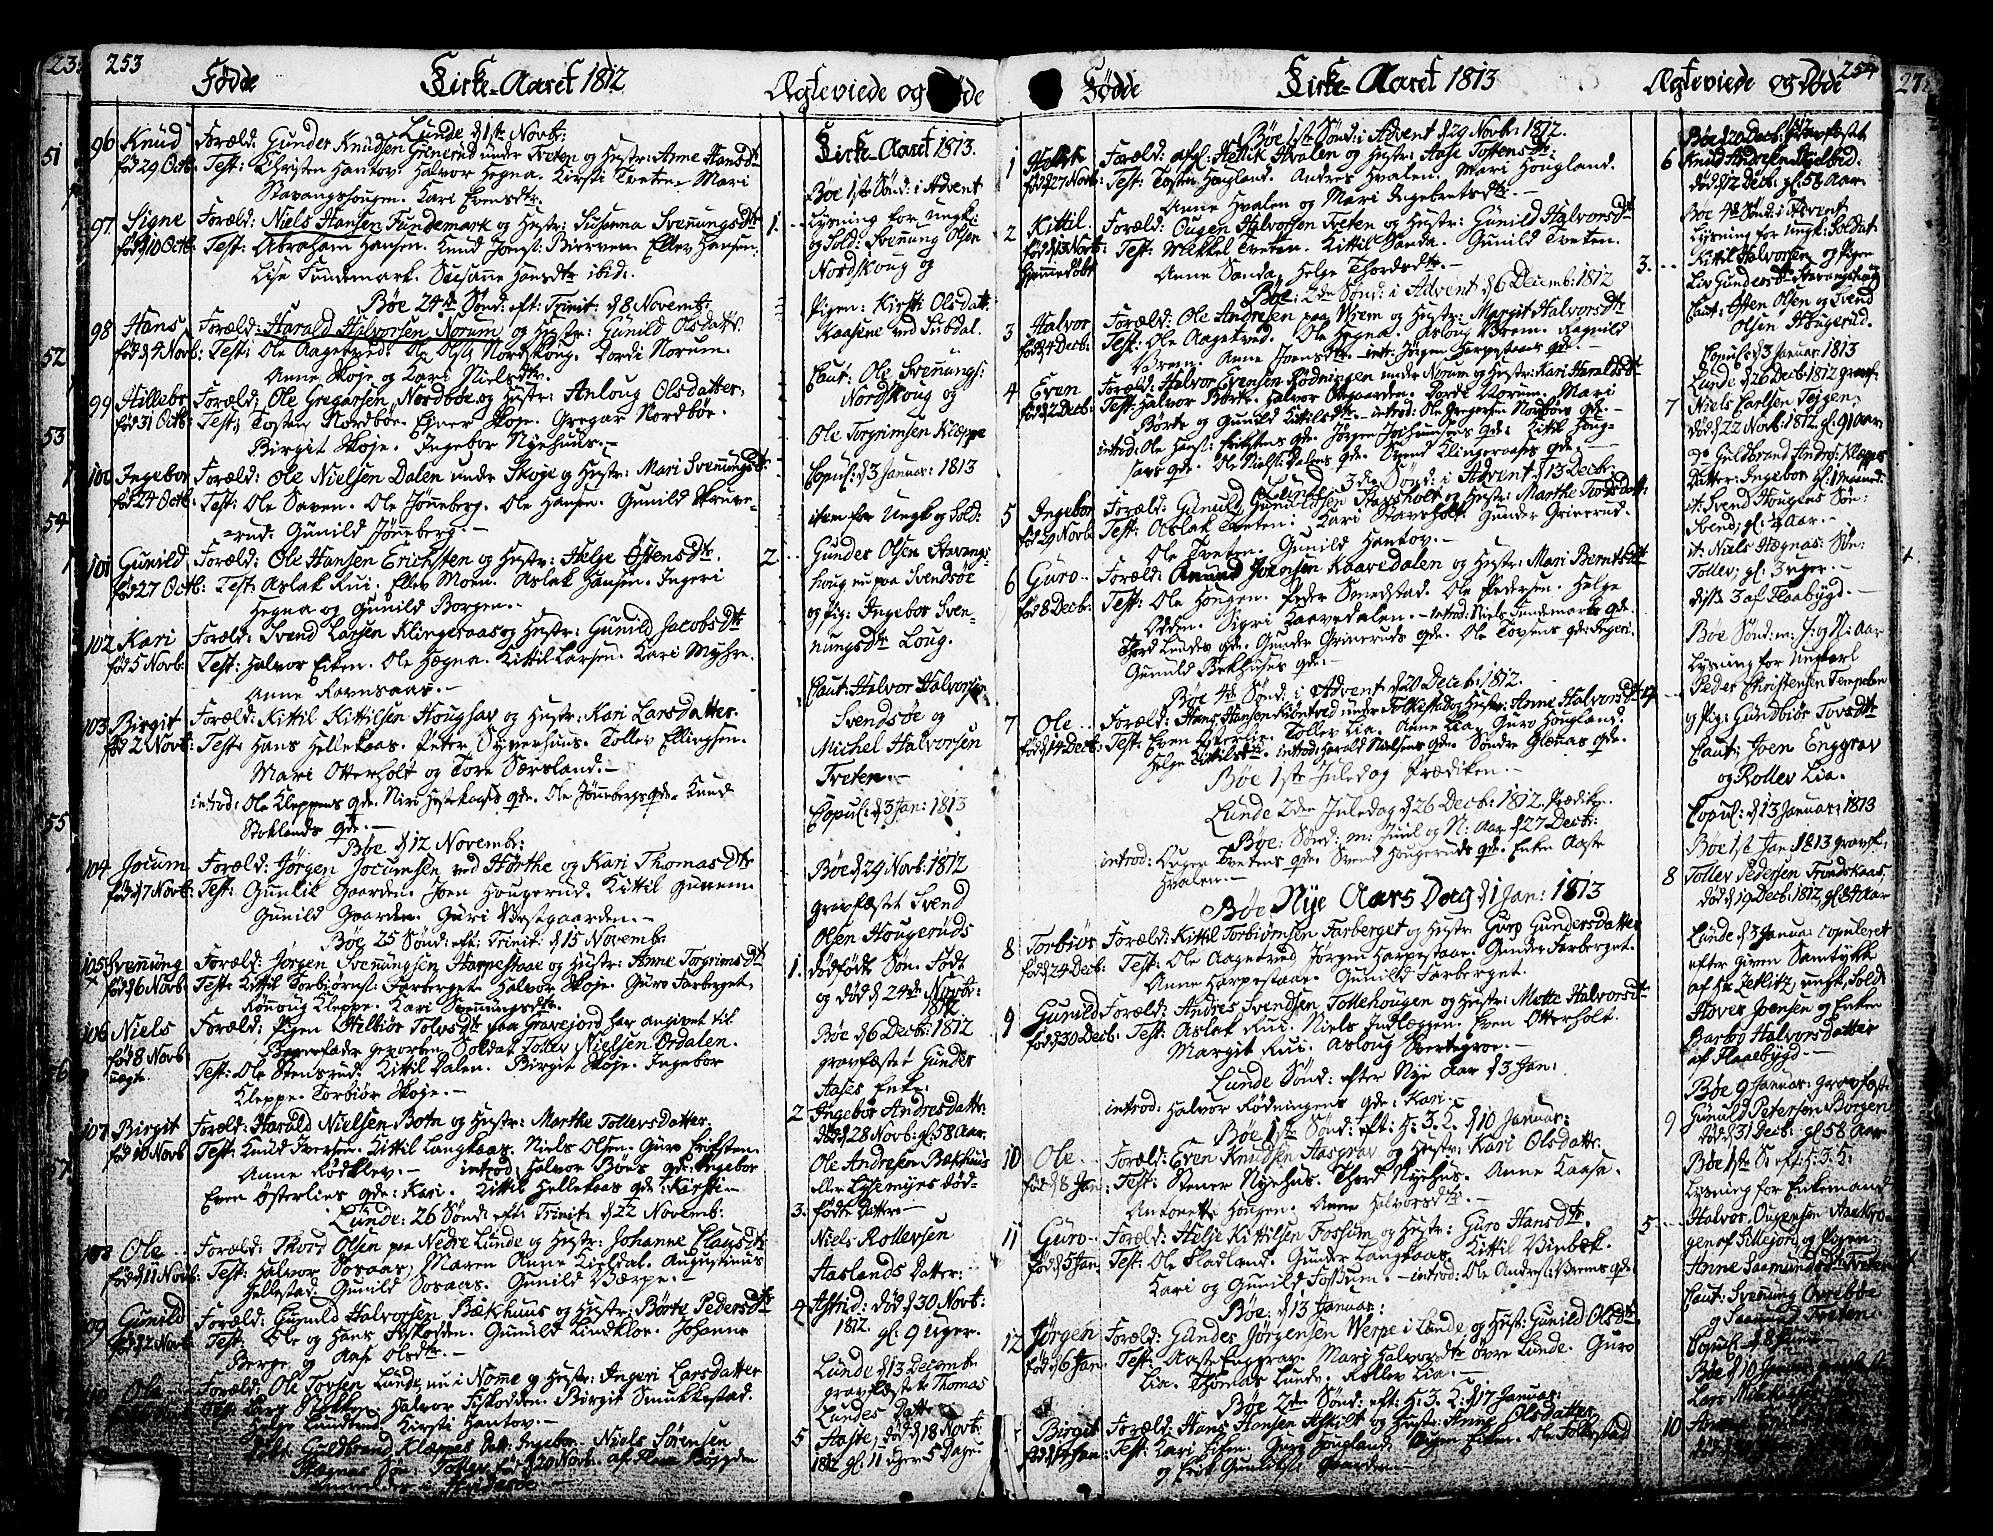 SAKO, Bø kirkebøker, F/Fa/L0005: Ministerialbok nr. 5, 1785-1815, s. 253-254